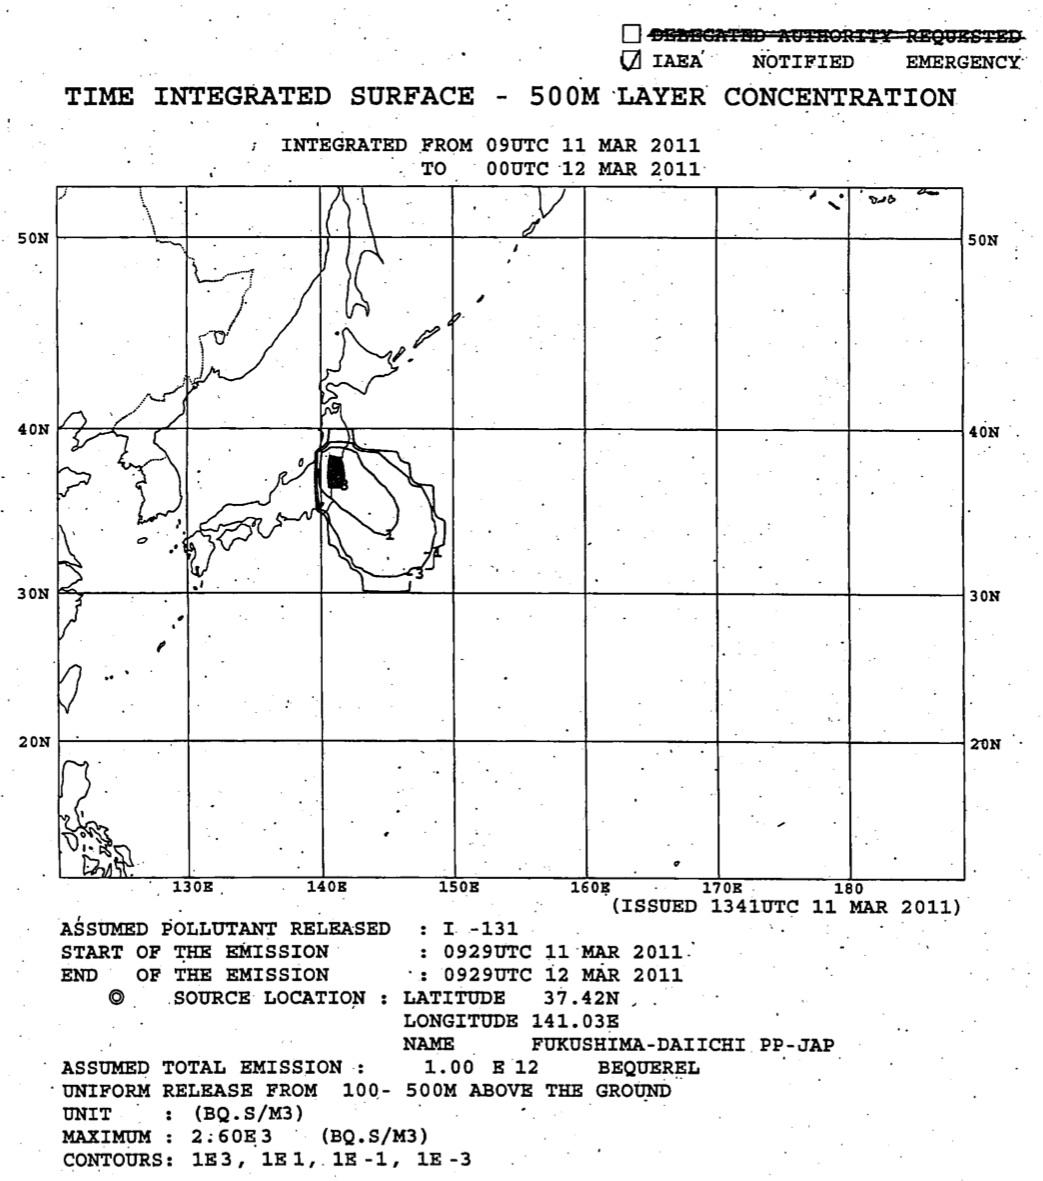 「核のソナタ」:「死神」に取り憑かれた日本、今や歴史上最大の危機に瀕する!_e0171614_9592720.jpg